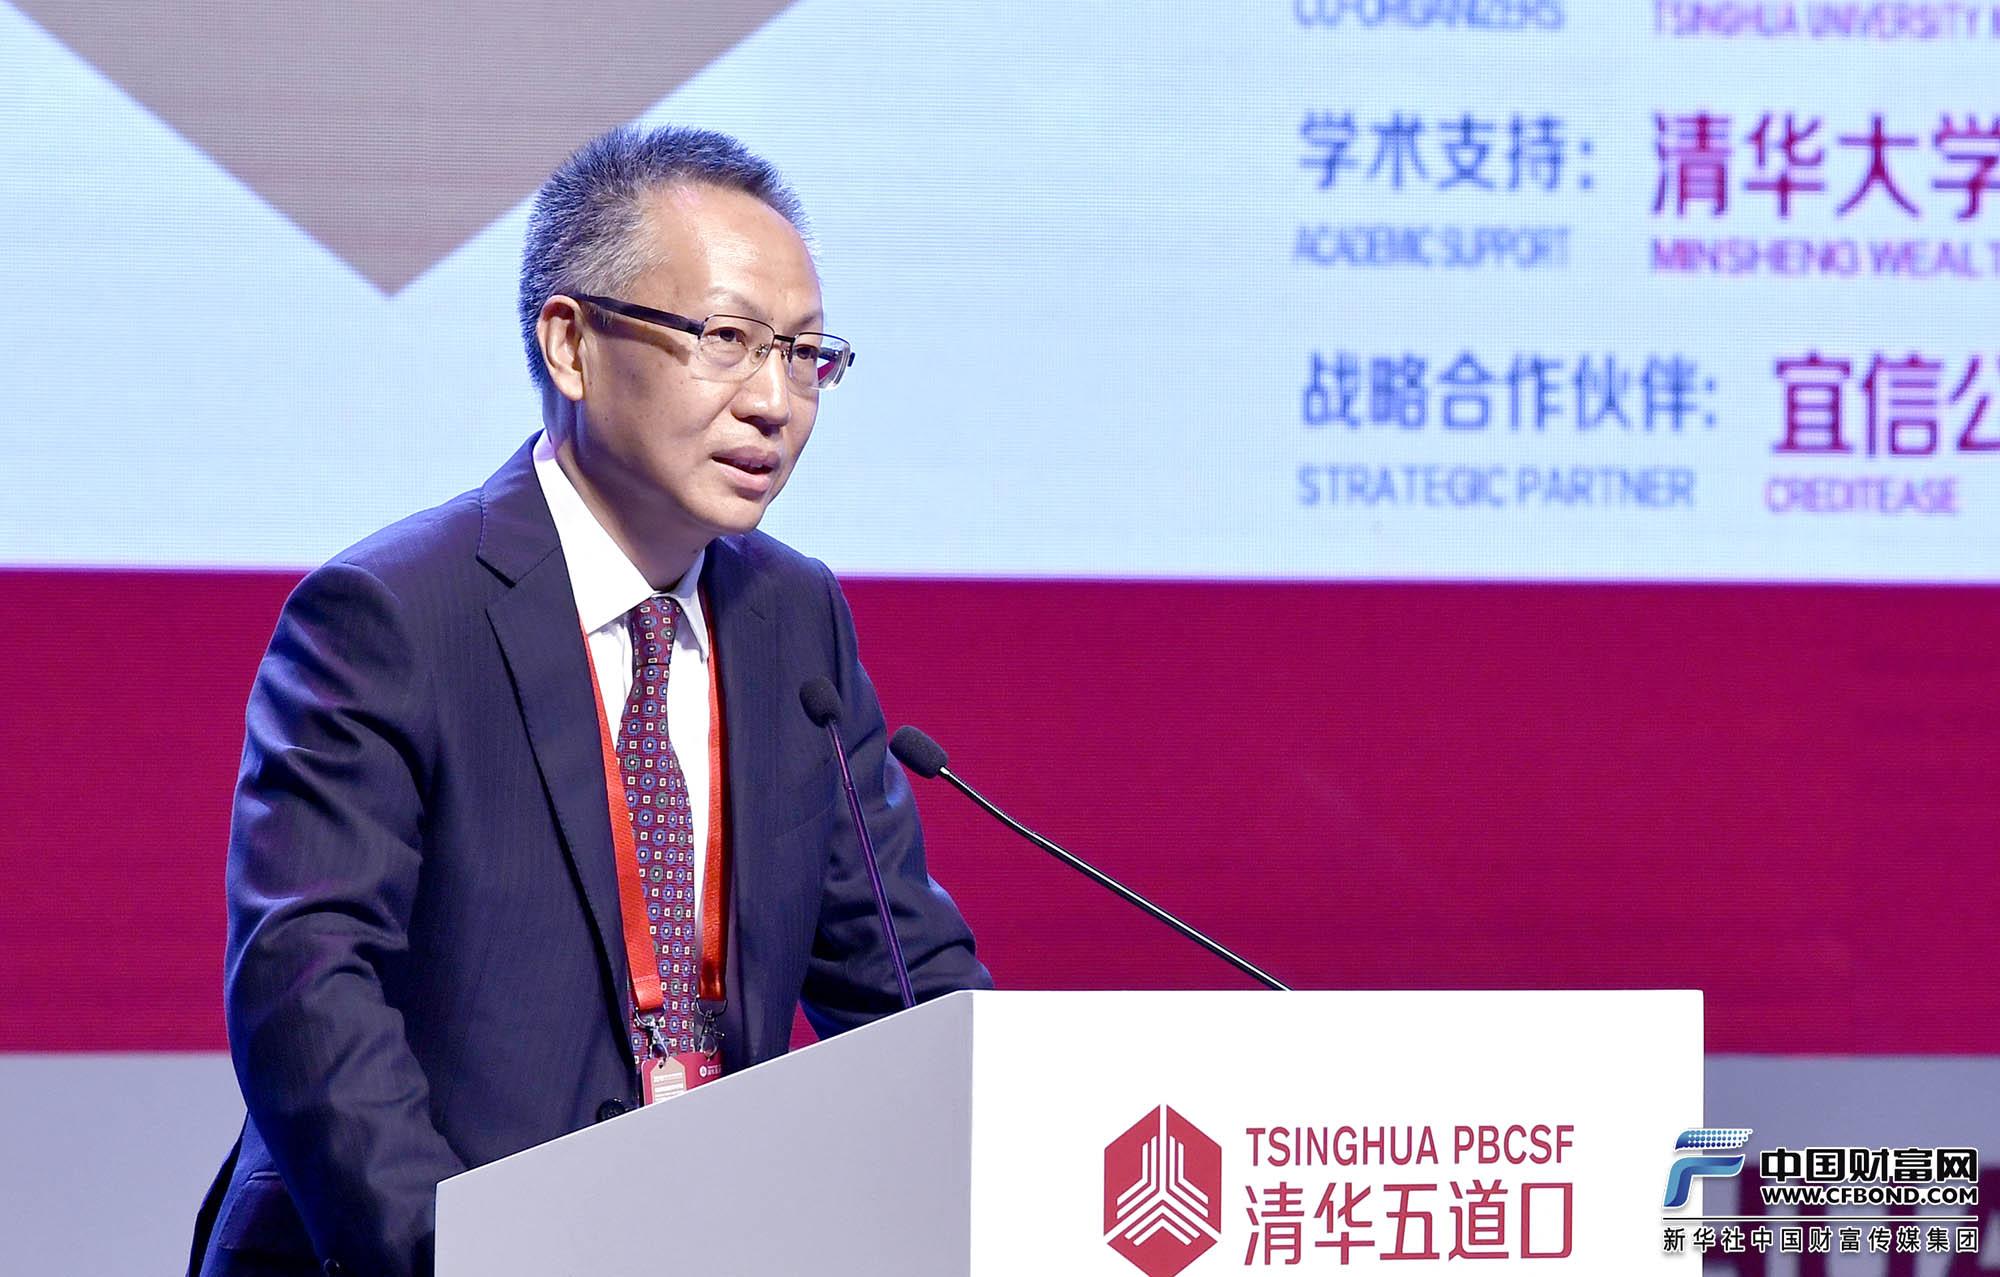 张健华:银行业资管业务面临两大挑战